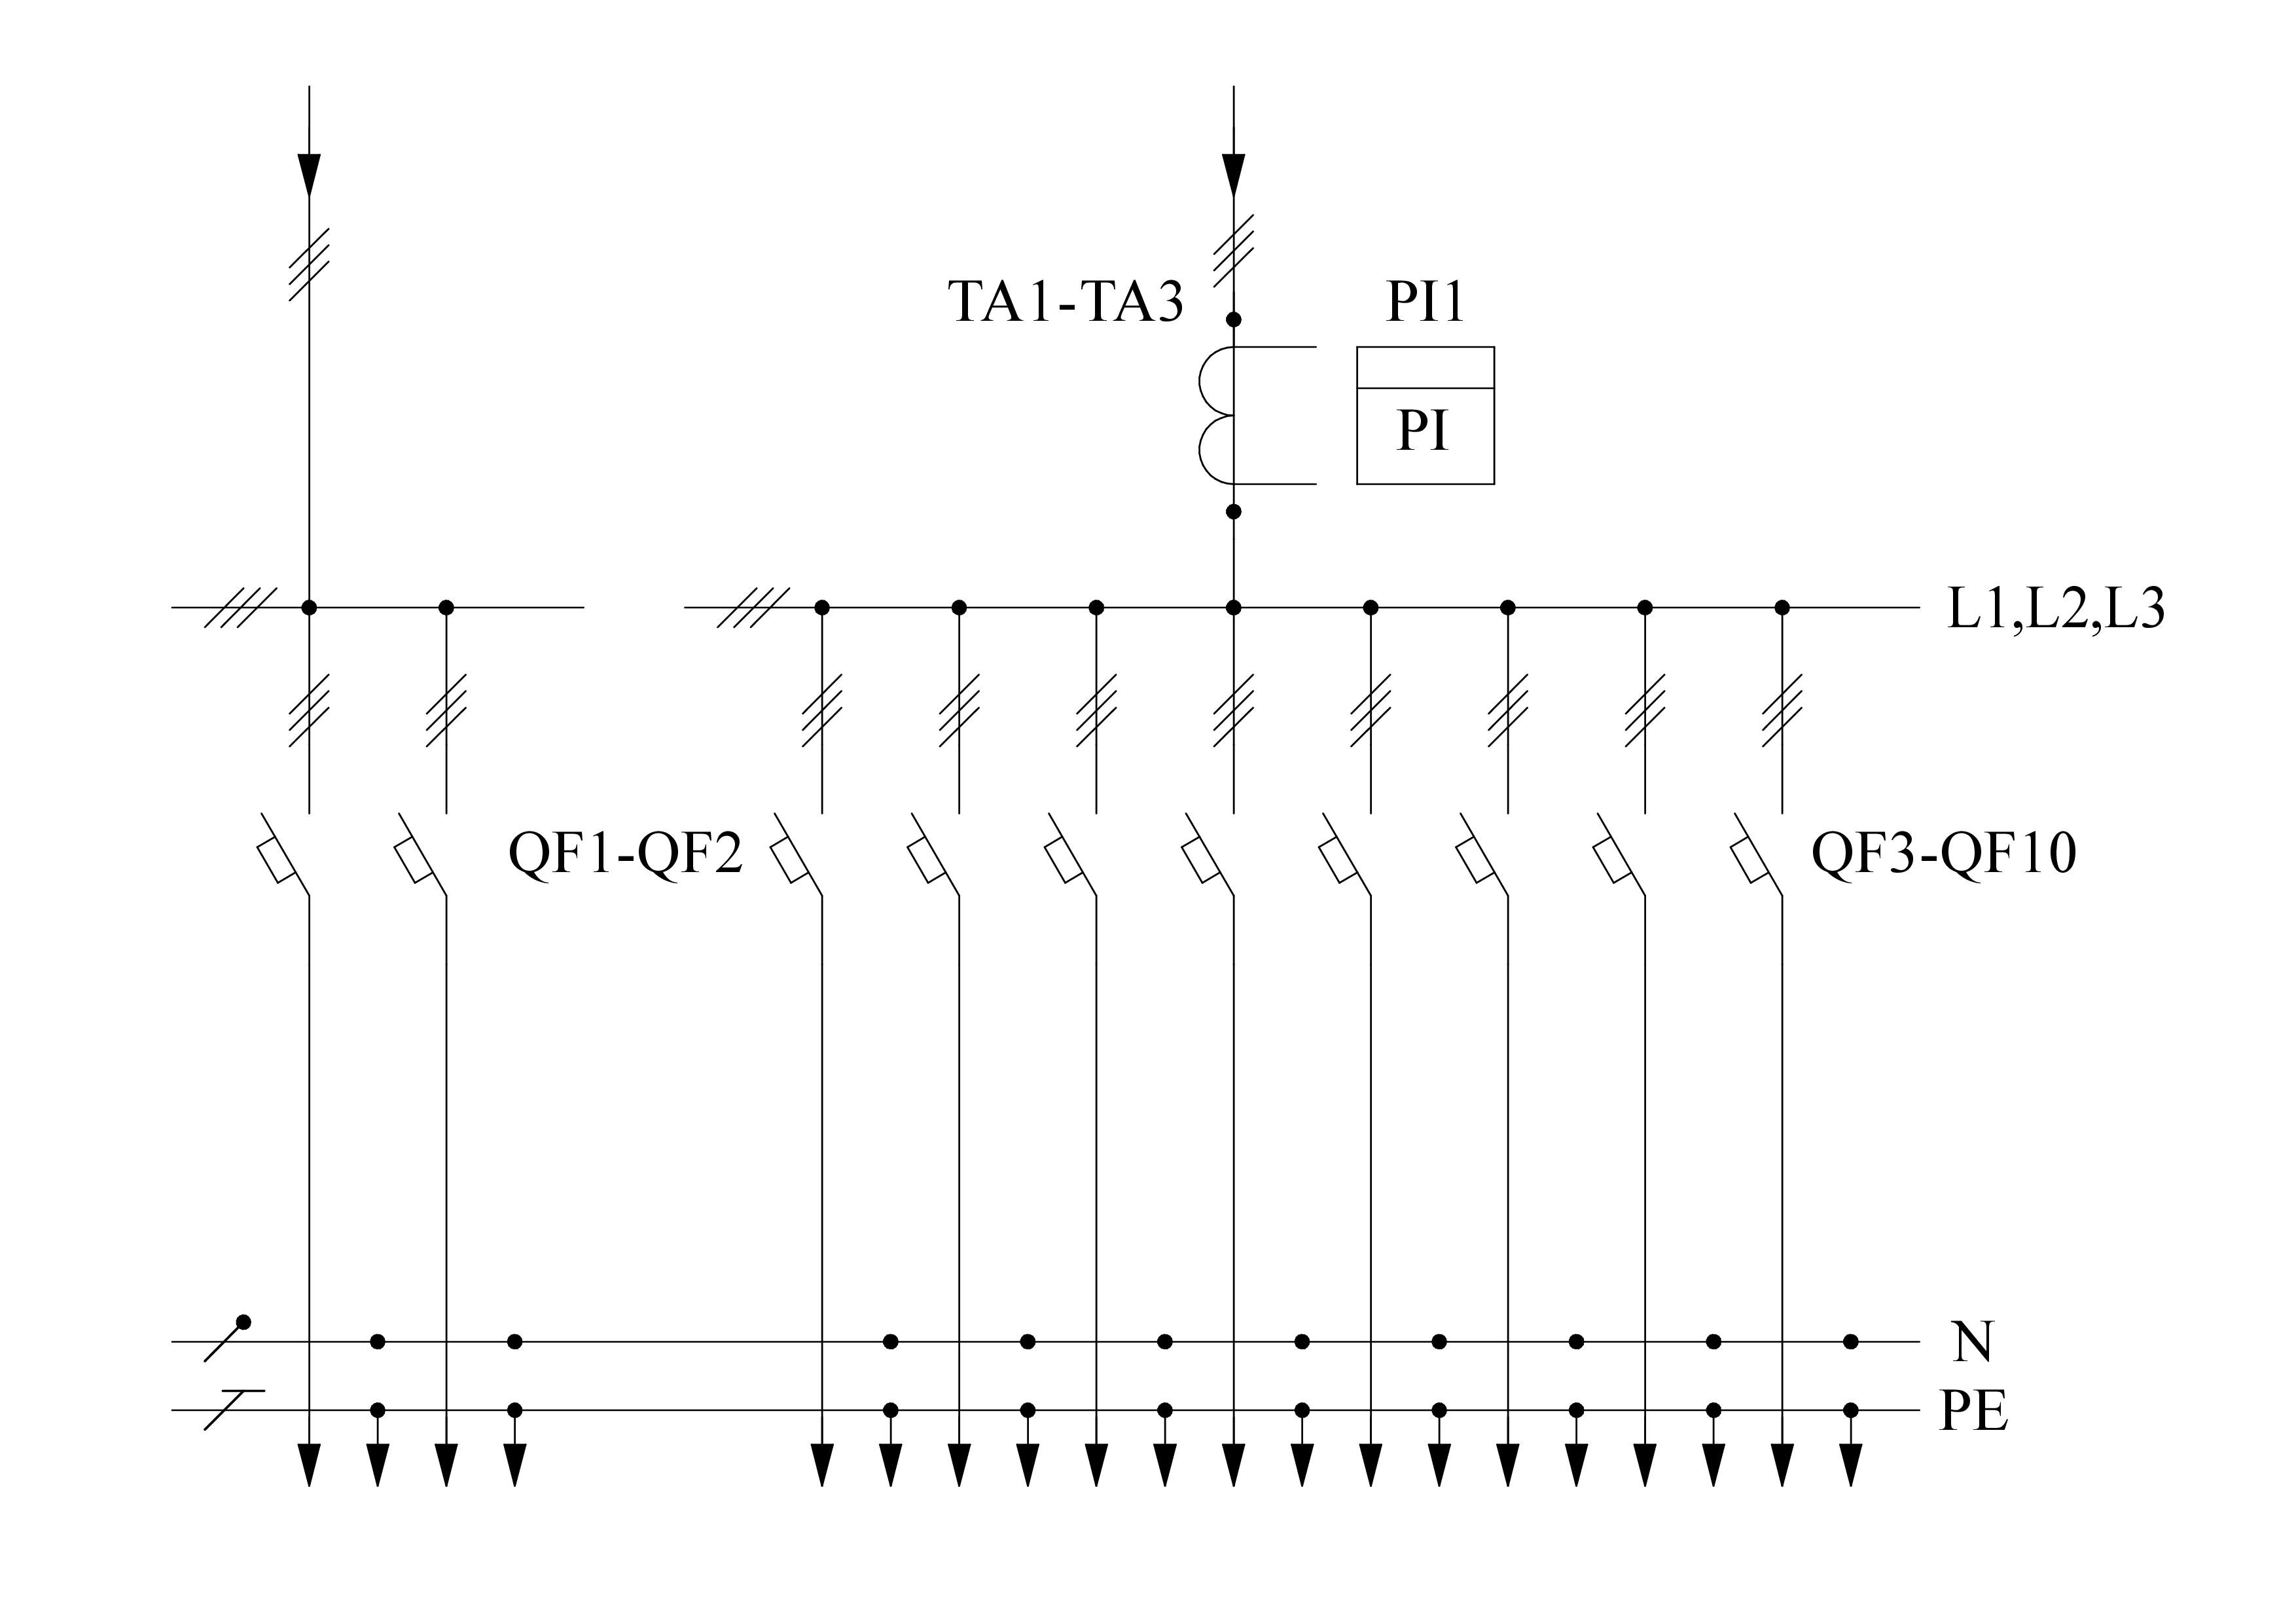 Схема электрическая ВРУ1-46-00А, ВРУ1-46-00А цена, ВРУ1-46-00А купить